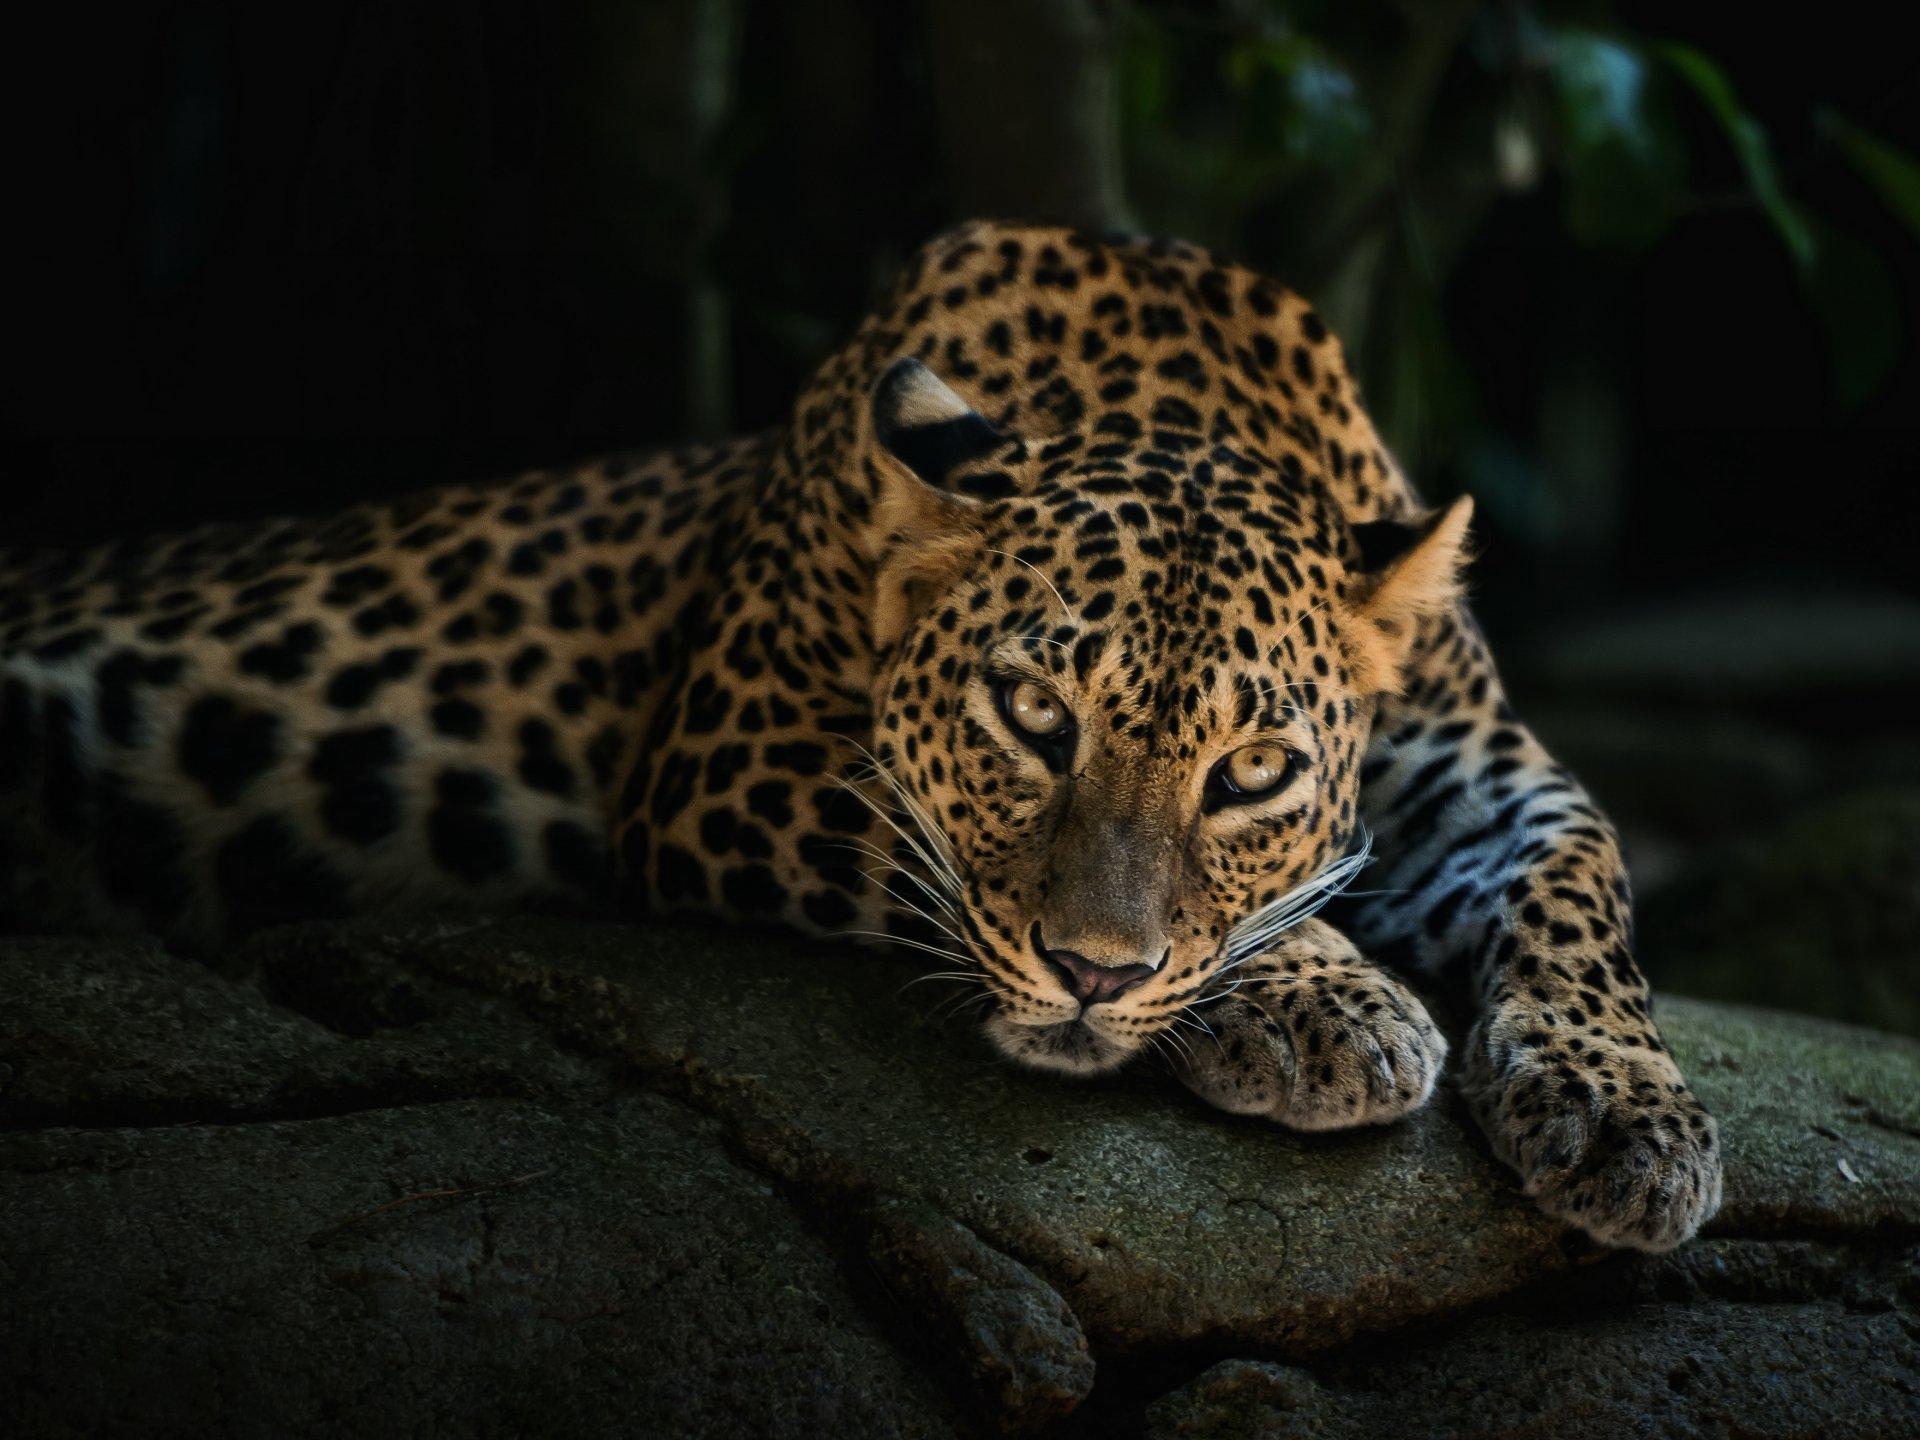 leopard wallpaper jungle